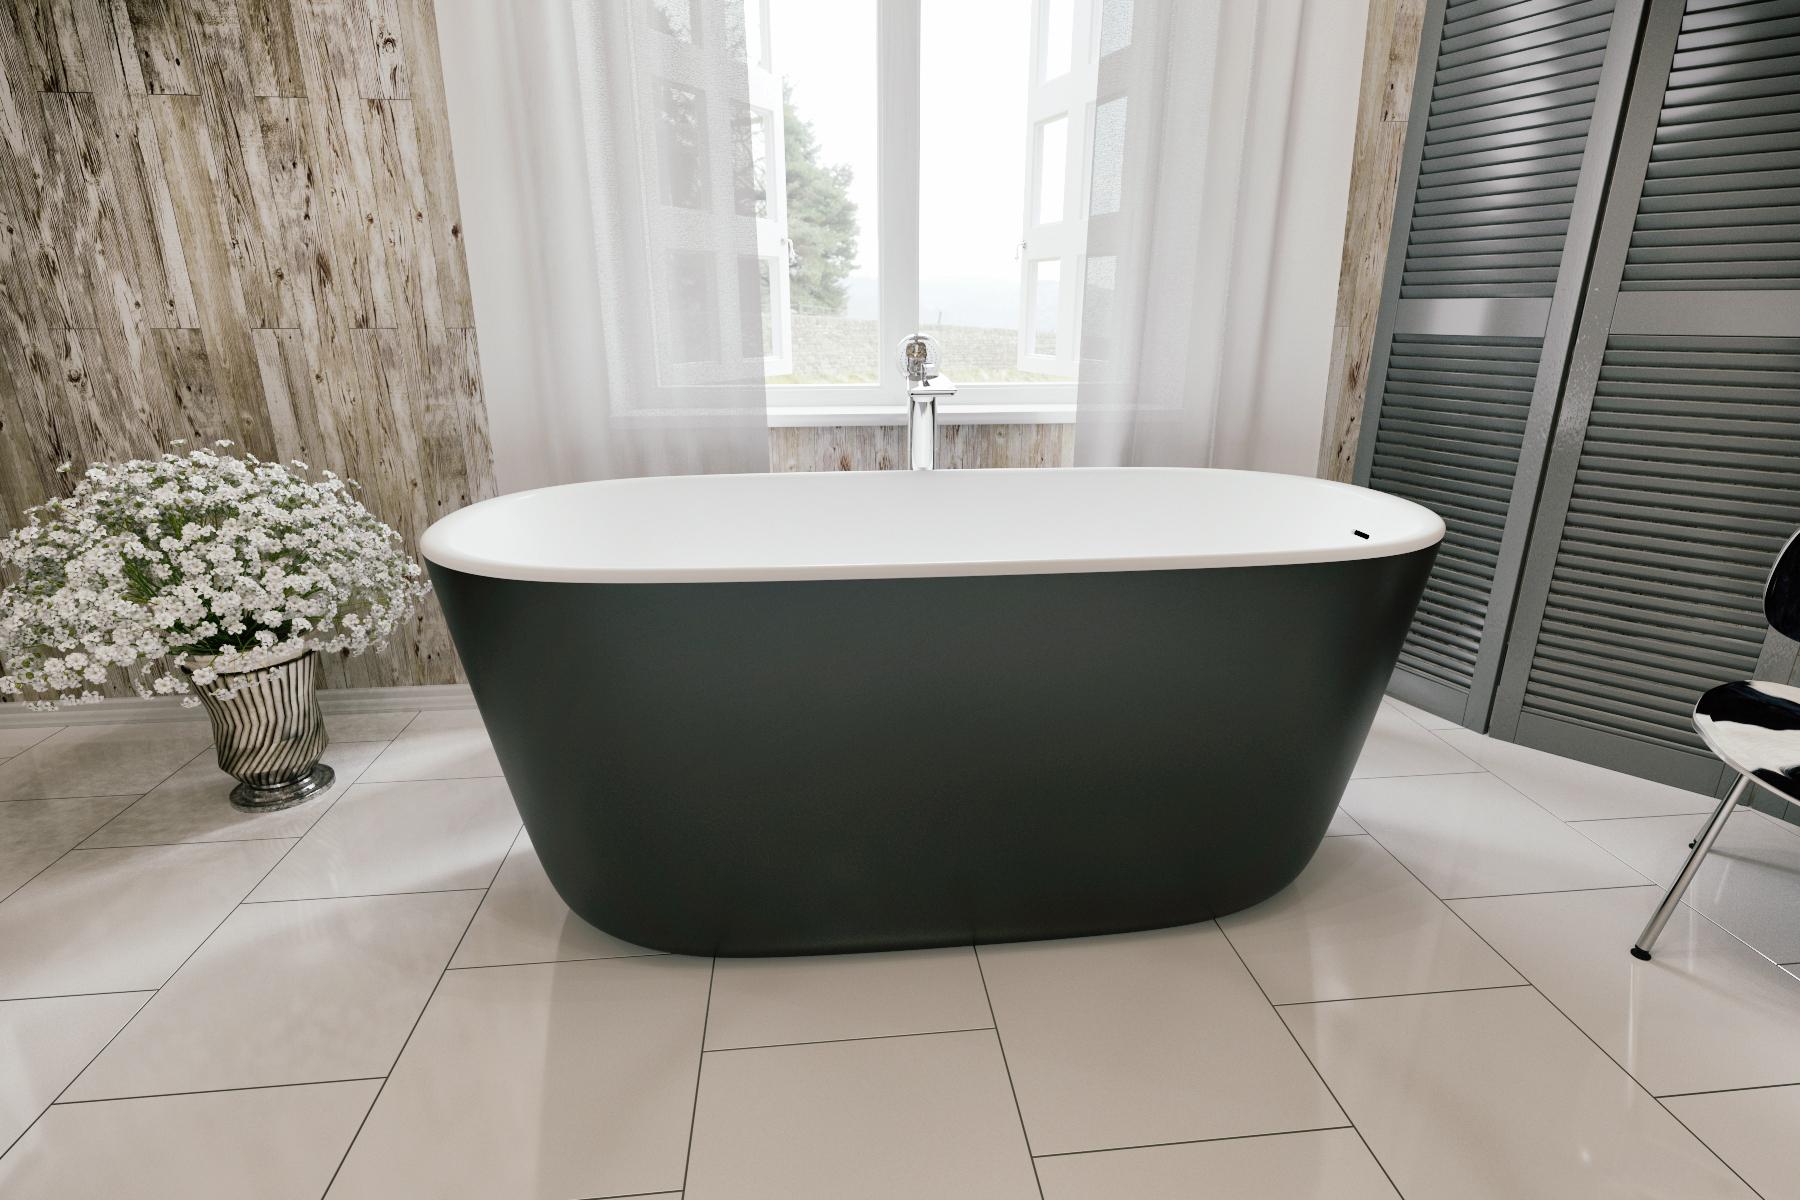 Vasche Da Bagno Dimensioni Ridotte : Lullaby mini black la vasca da bagno freestanding aquatica in